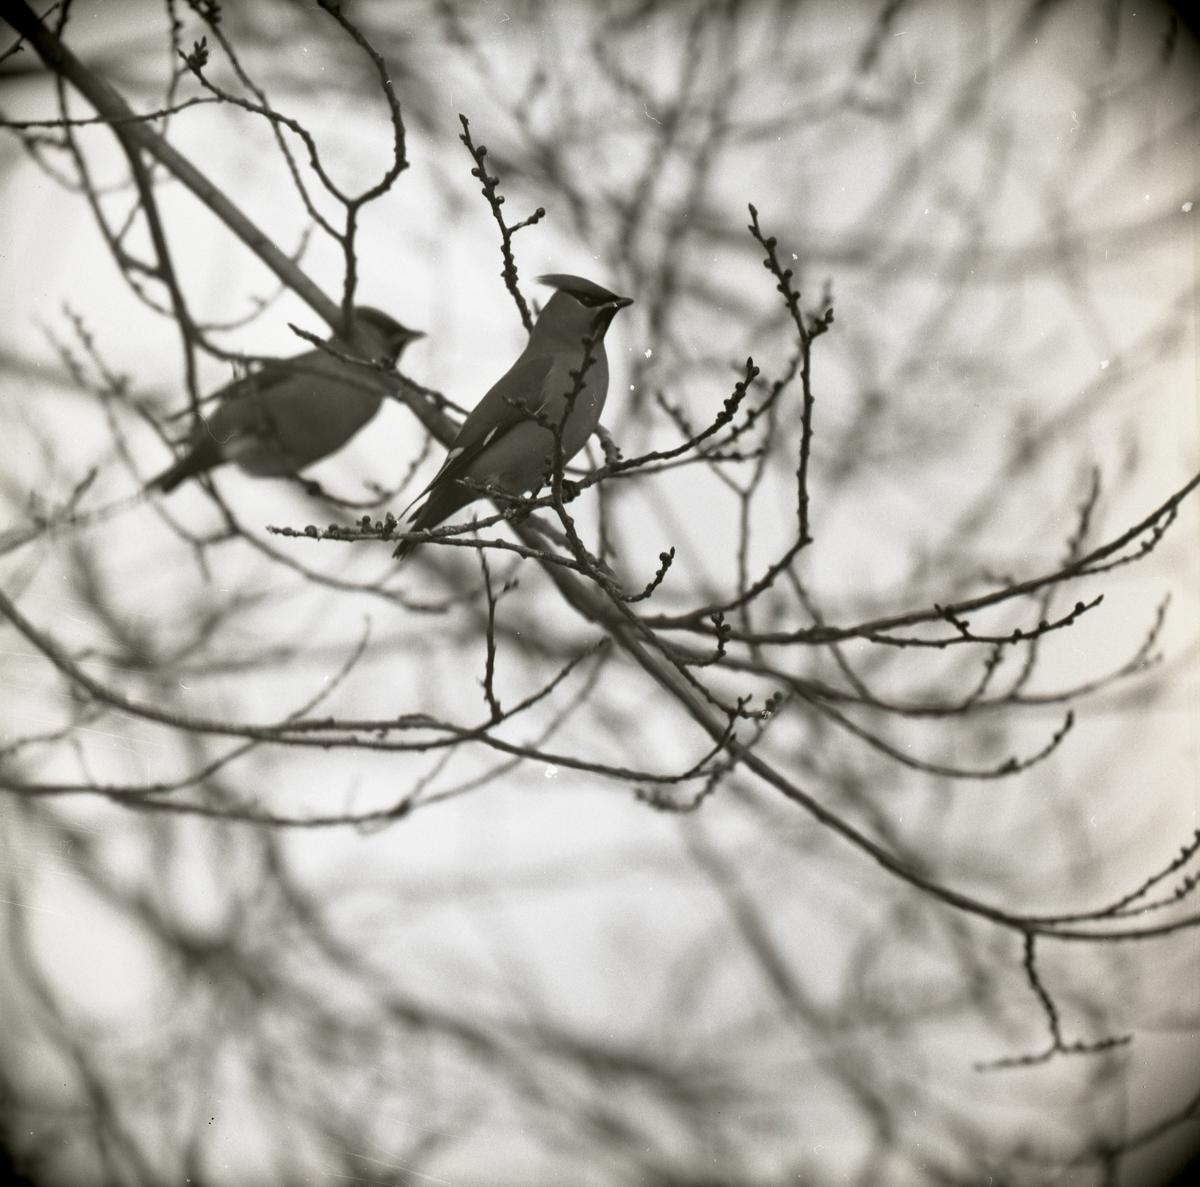 Två sidensvansar sitter på en kvist i ett träd, mars 1965.